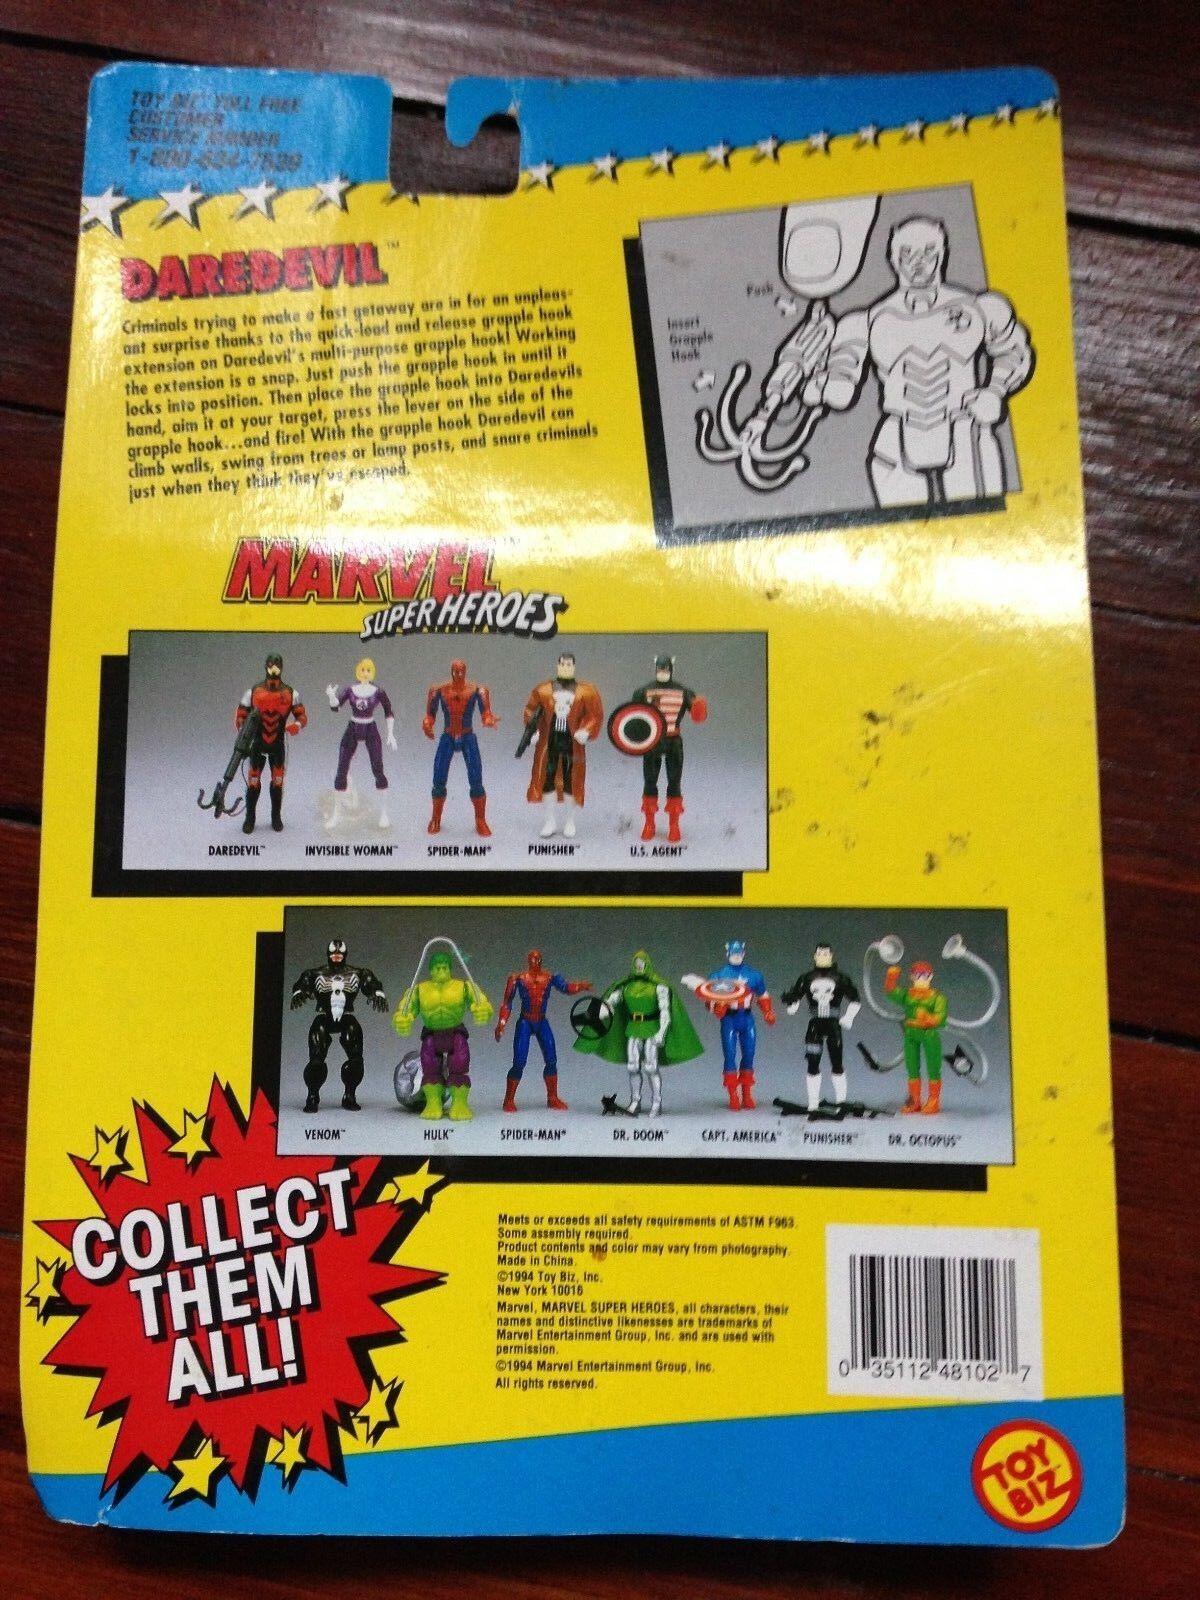 1994 Toy Biz Daredevil Daredevil Daredevil sealed action figure 17f008